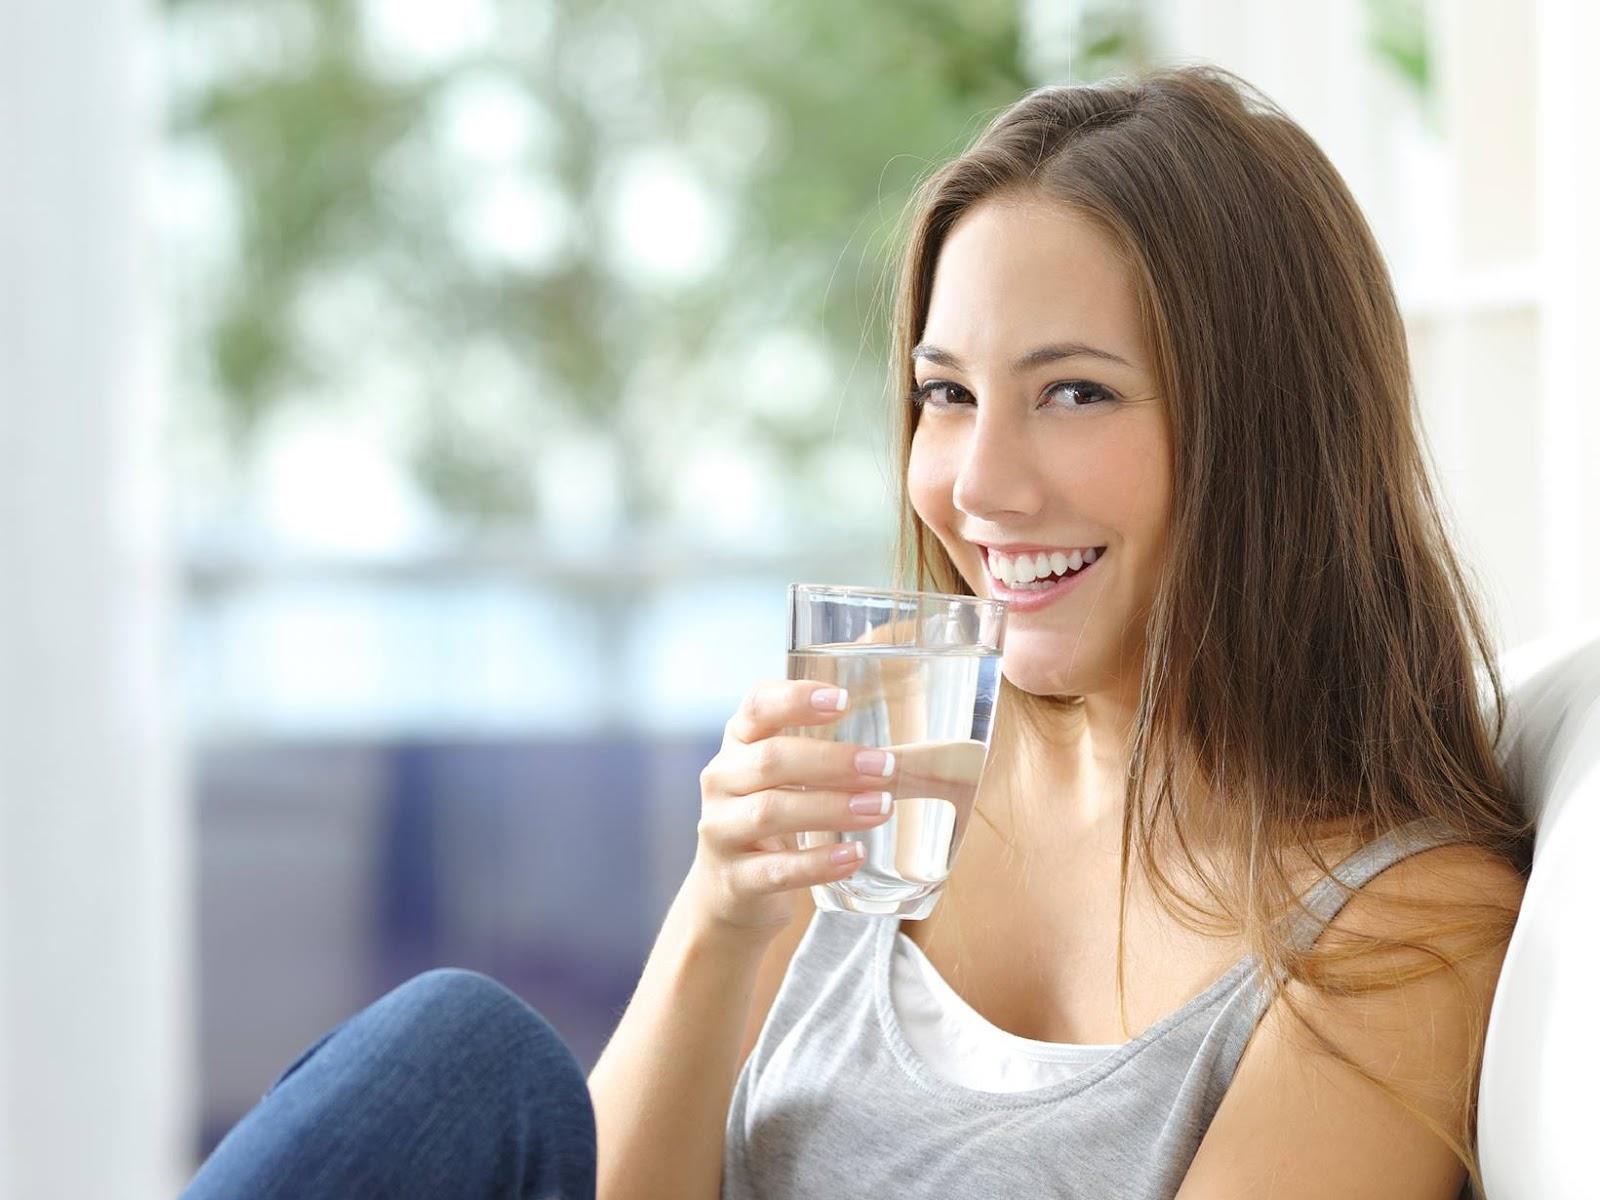 Nước sạch giúp nuôi dưỡng cơ thể và đào thải chất độc hại